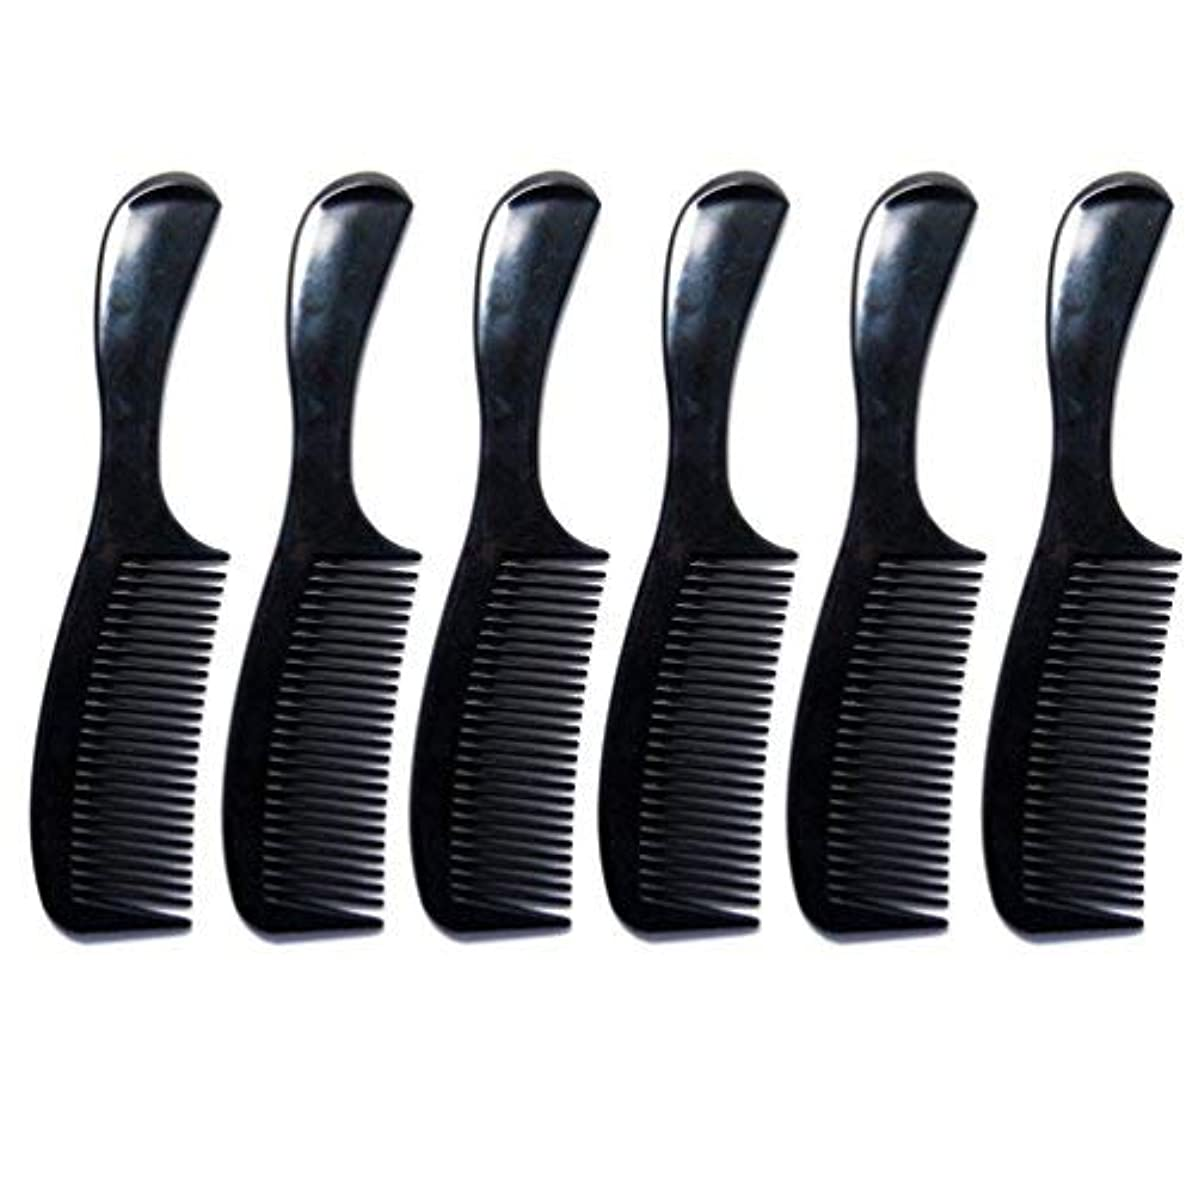 ウサギテスピアン円形Luxxii - (6 Pack) 8 inch Black Styling Essentials Round Handle Comb Pocket [並行輸入品]